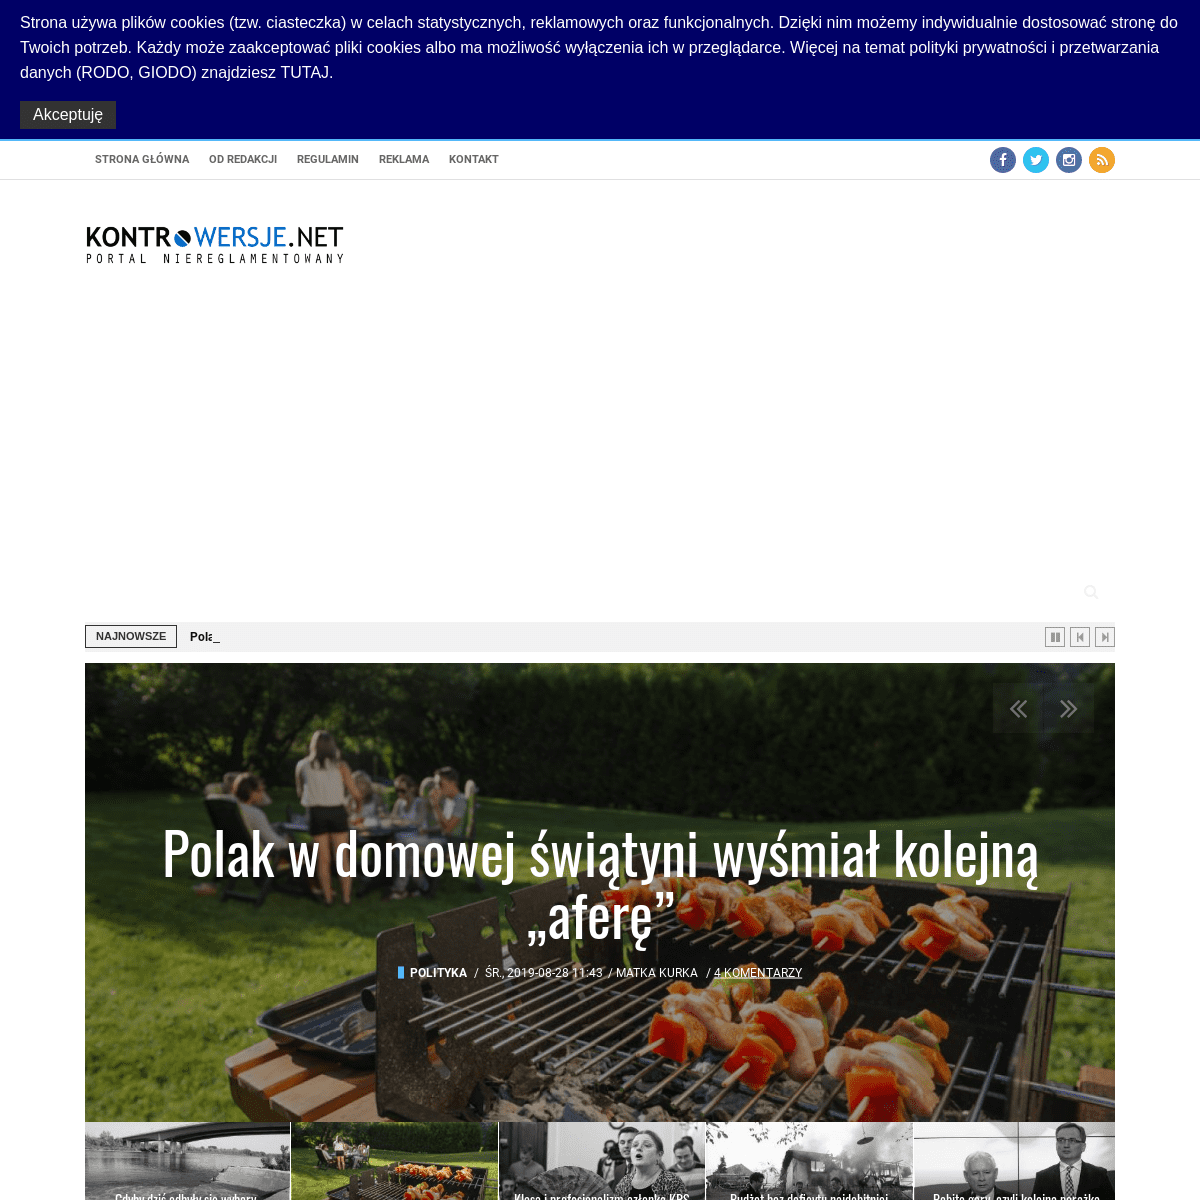 Kontrowersje.net - portal niereglamentowany